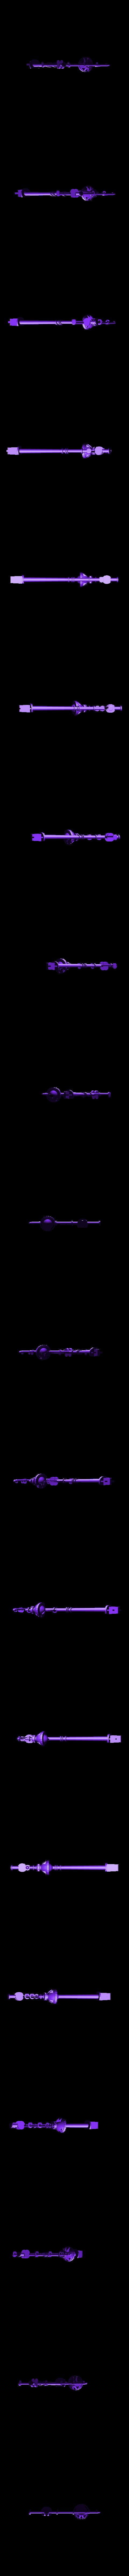 mousetrap-yellow-light-post.stl Télécharger fichier STL gratuit TortureTrap : une extension du piège à souris • Objet pour impression 3D, mrhers2